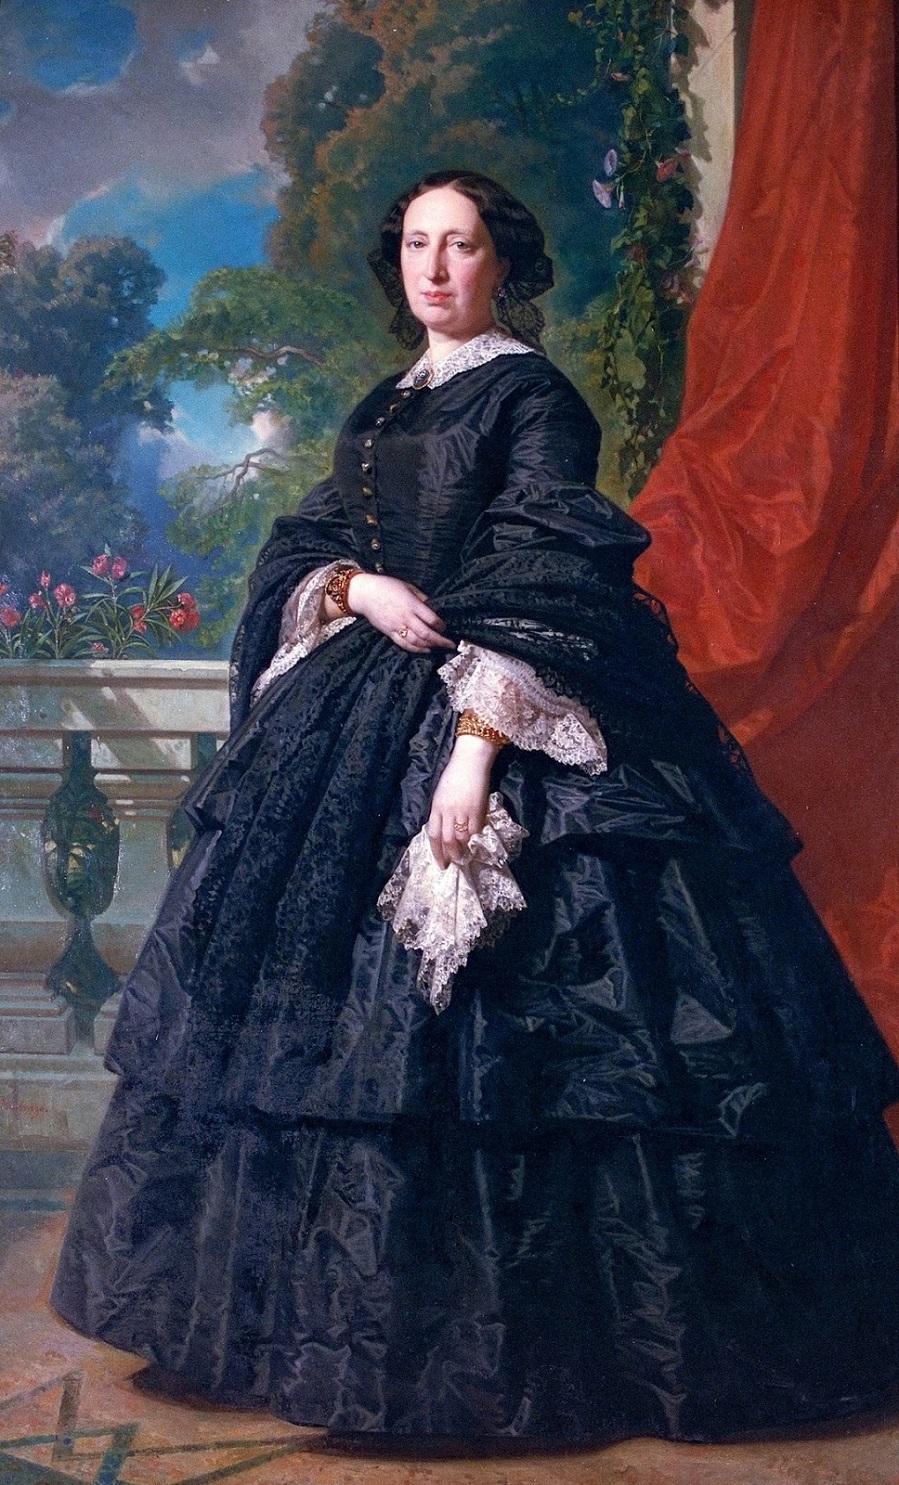 1869_Портрет Карлоты Кинтана-Бадия (Portrait of Carlota Quintana Badia)_203 х 129_х.,м._Барселона, Национальный музей искусства Каталонии.jpg